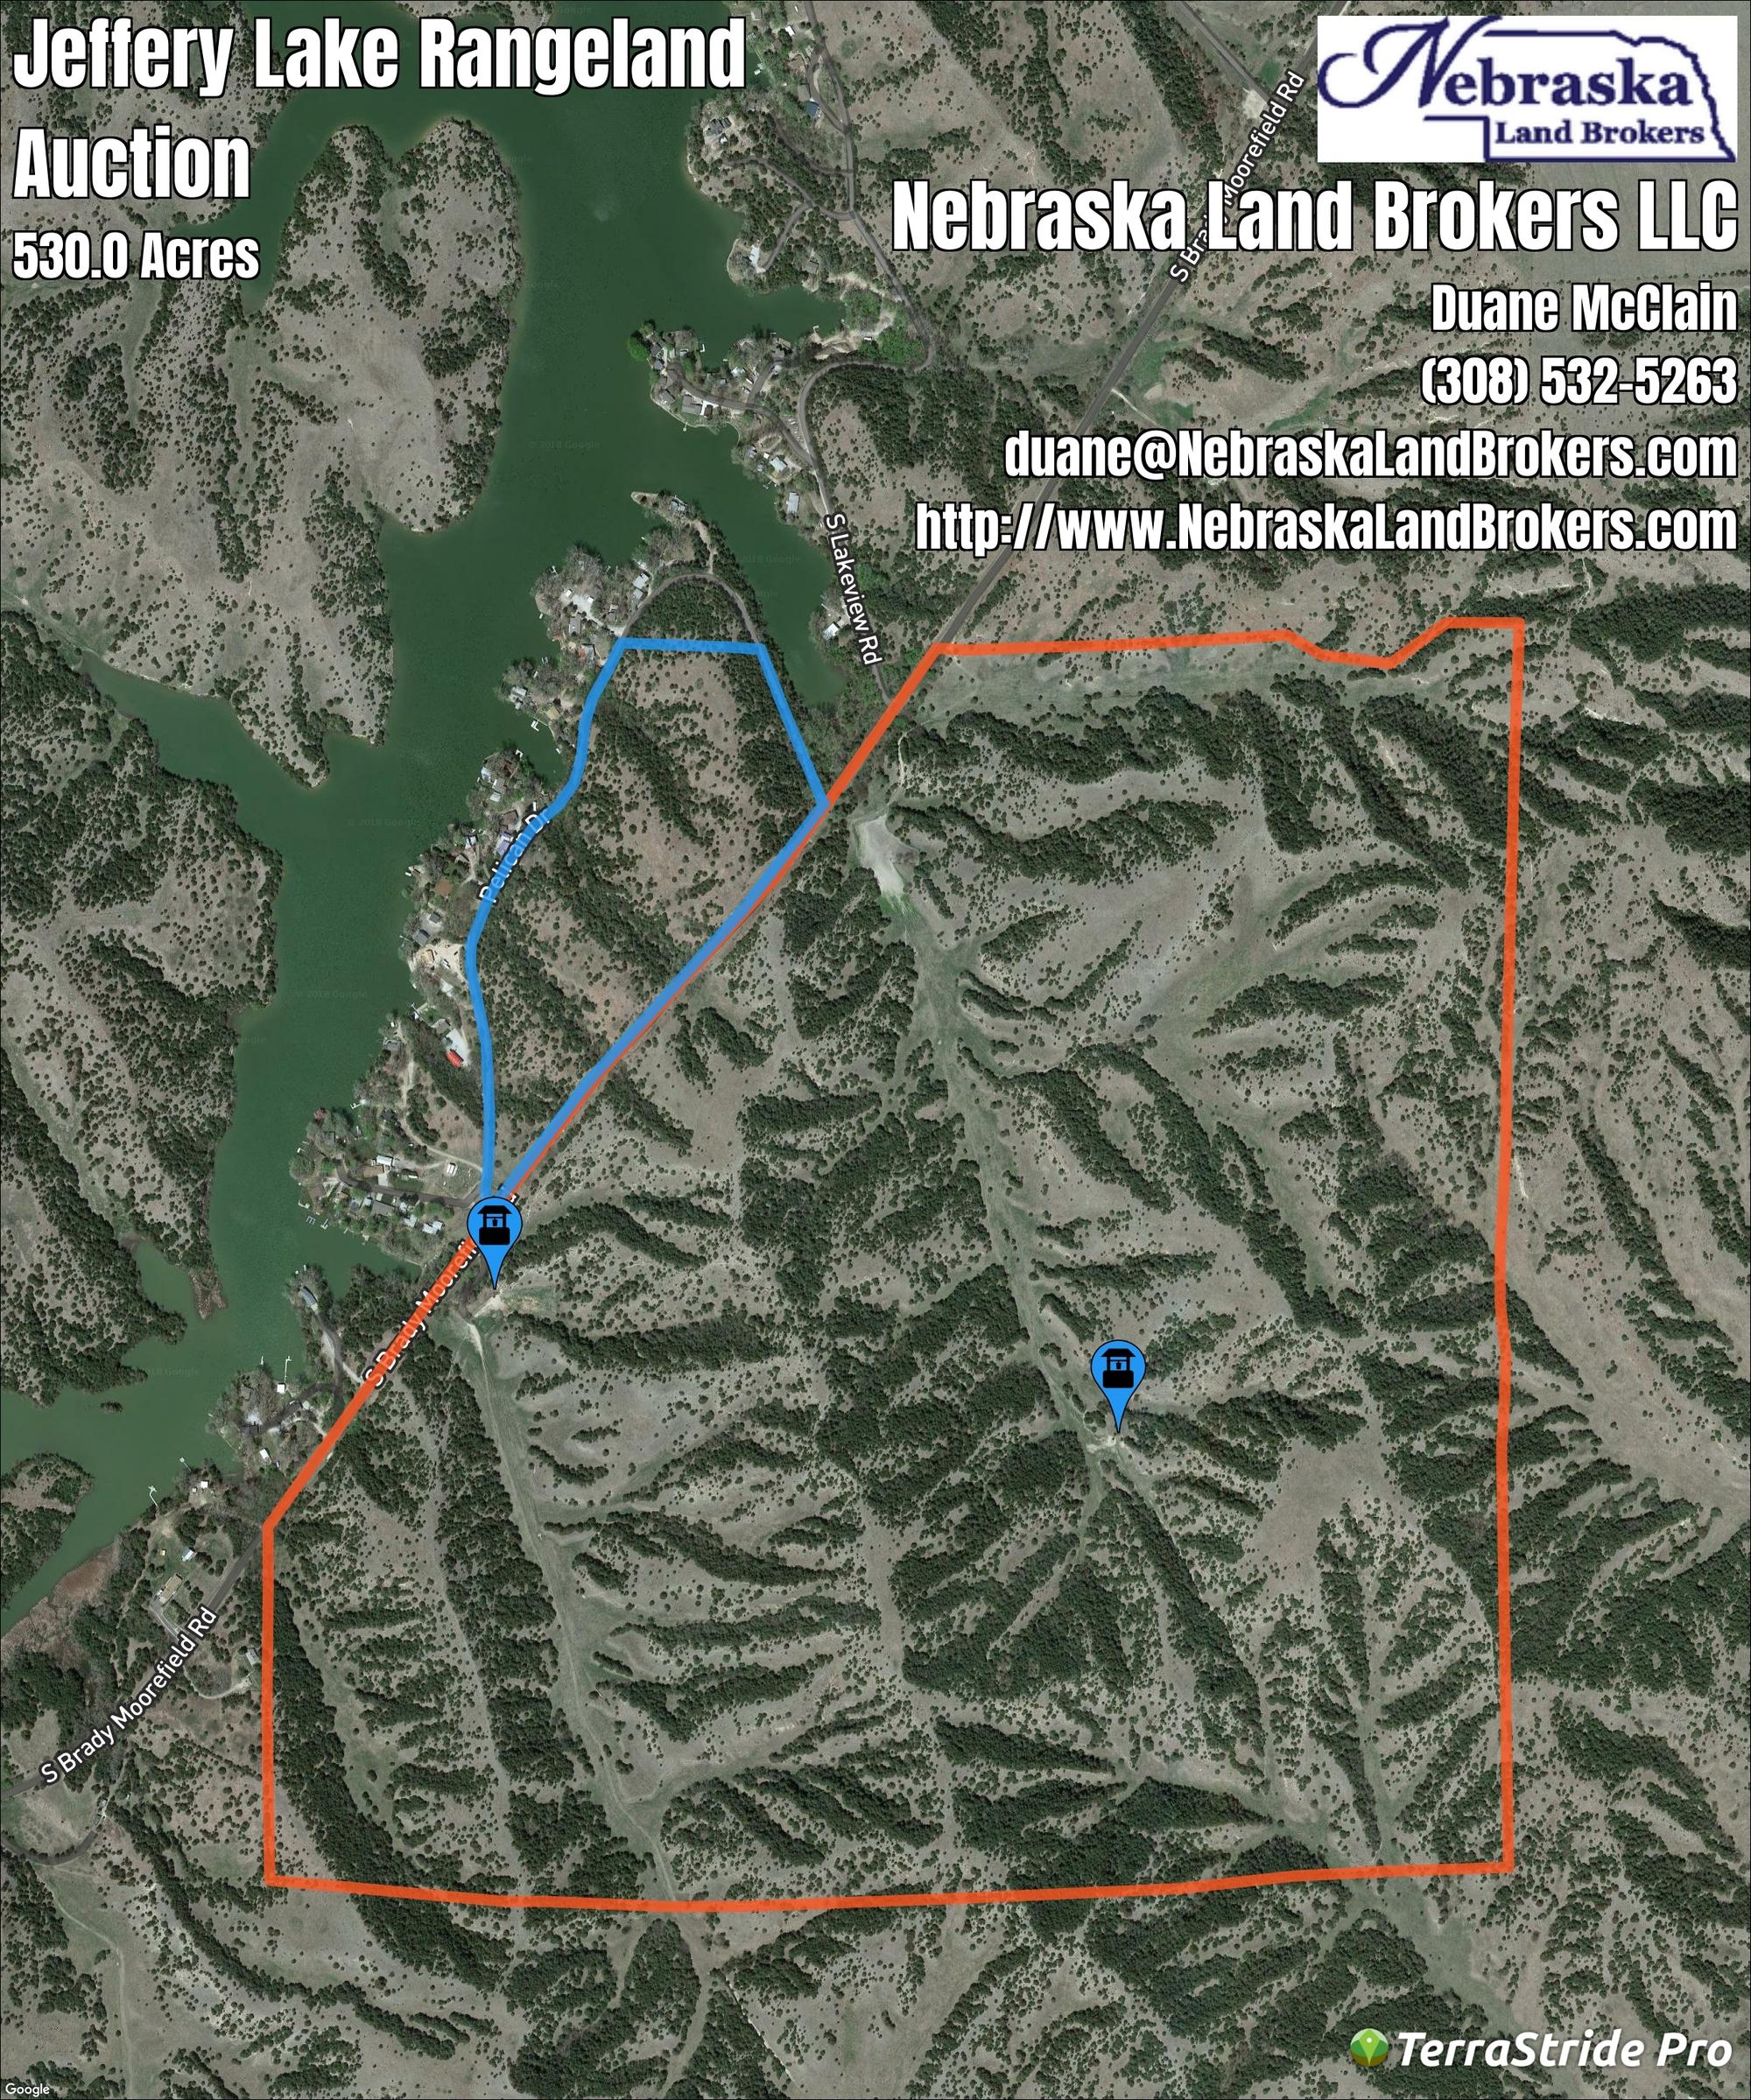 TSP Aerial Image.jpg